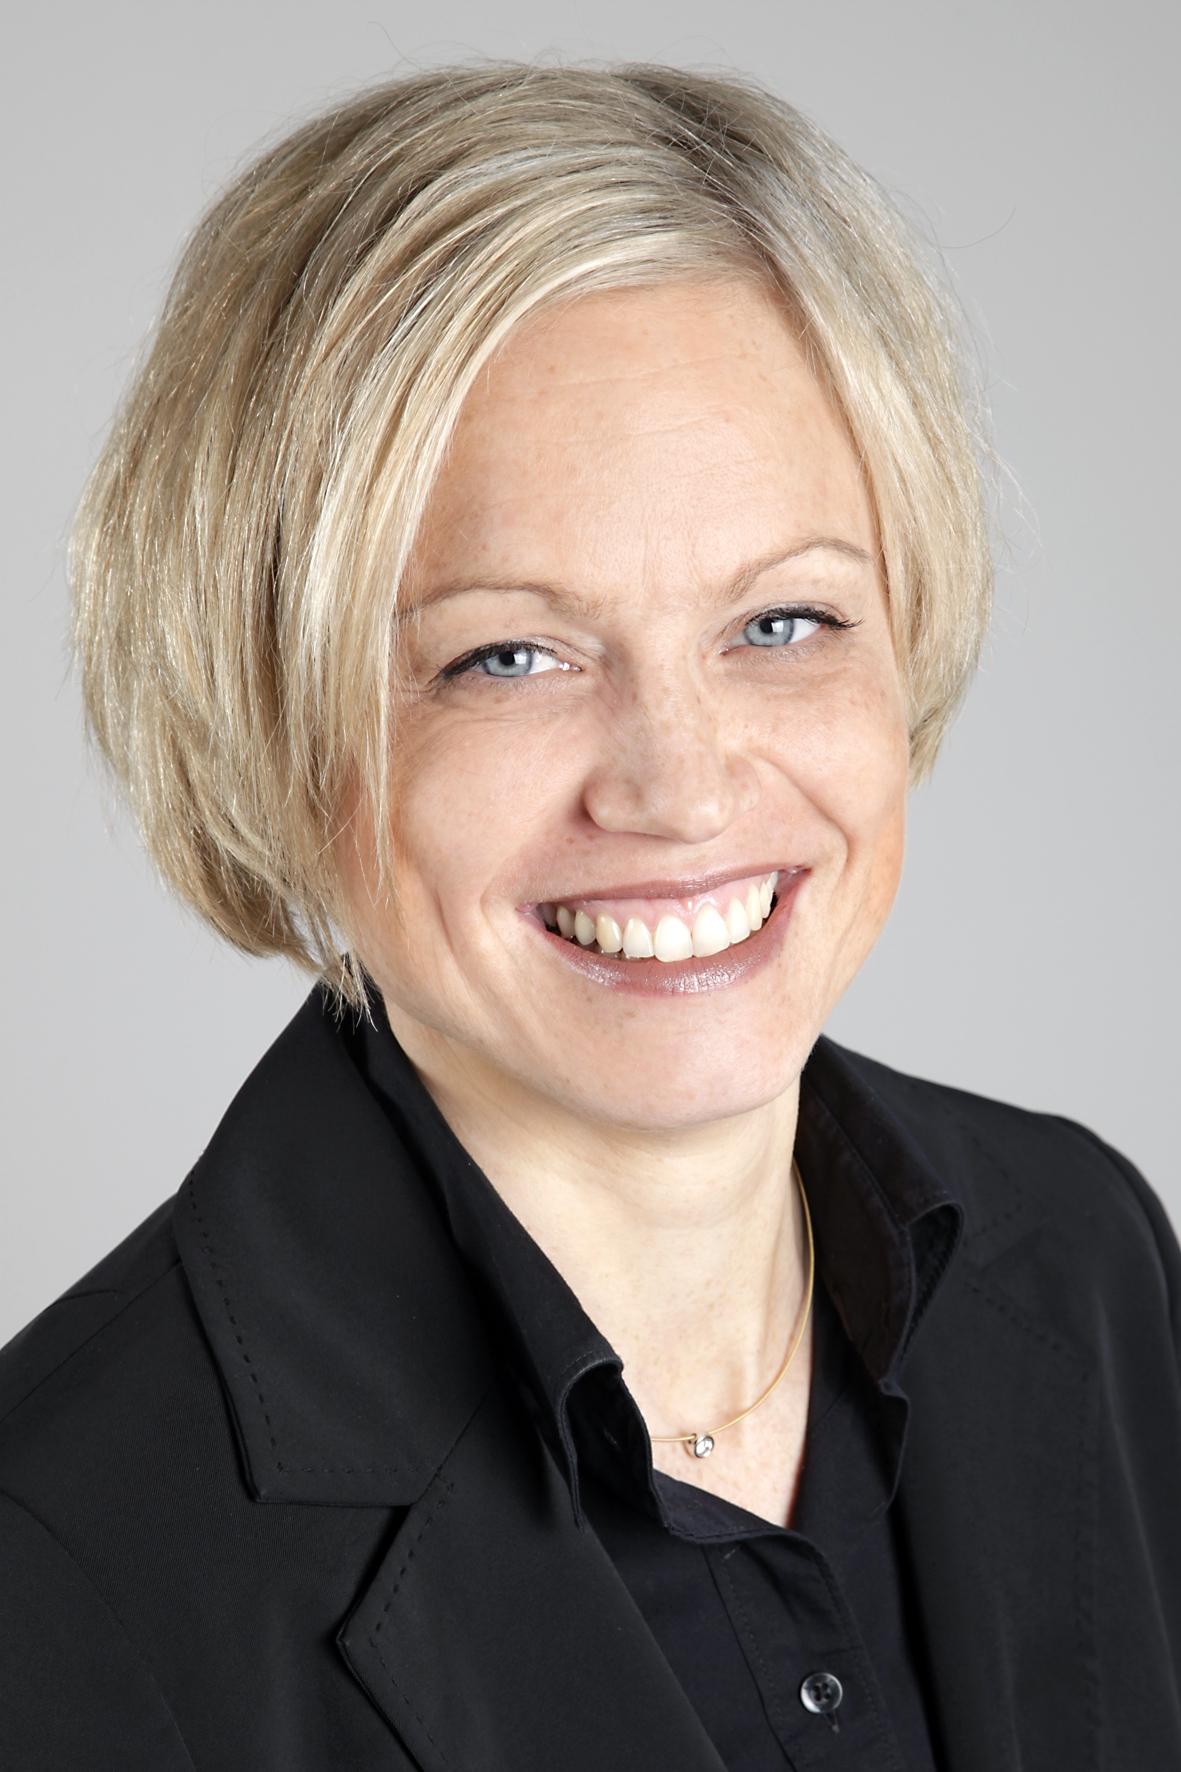 Porträtfoto von Tanja Tonak von der WEG-Verwaltung der Wohnbau Service